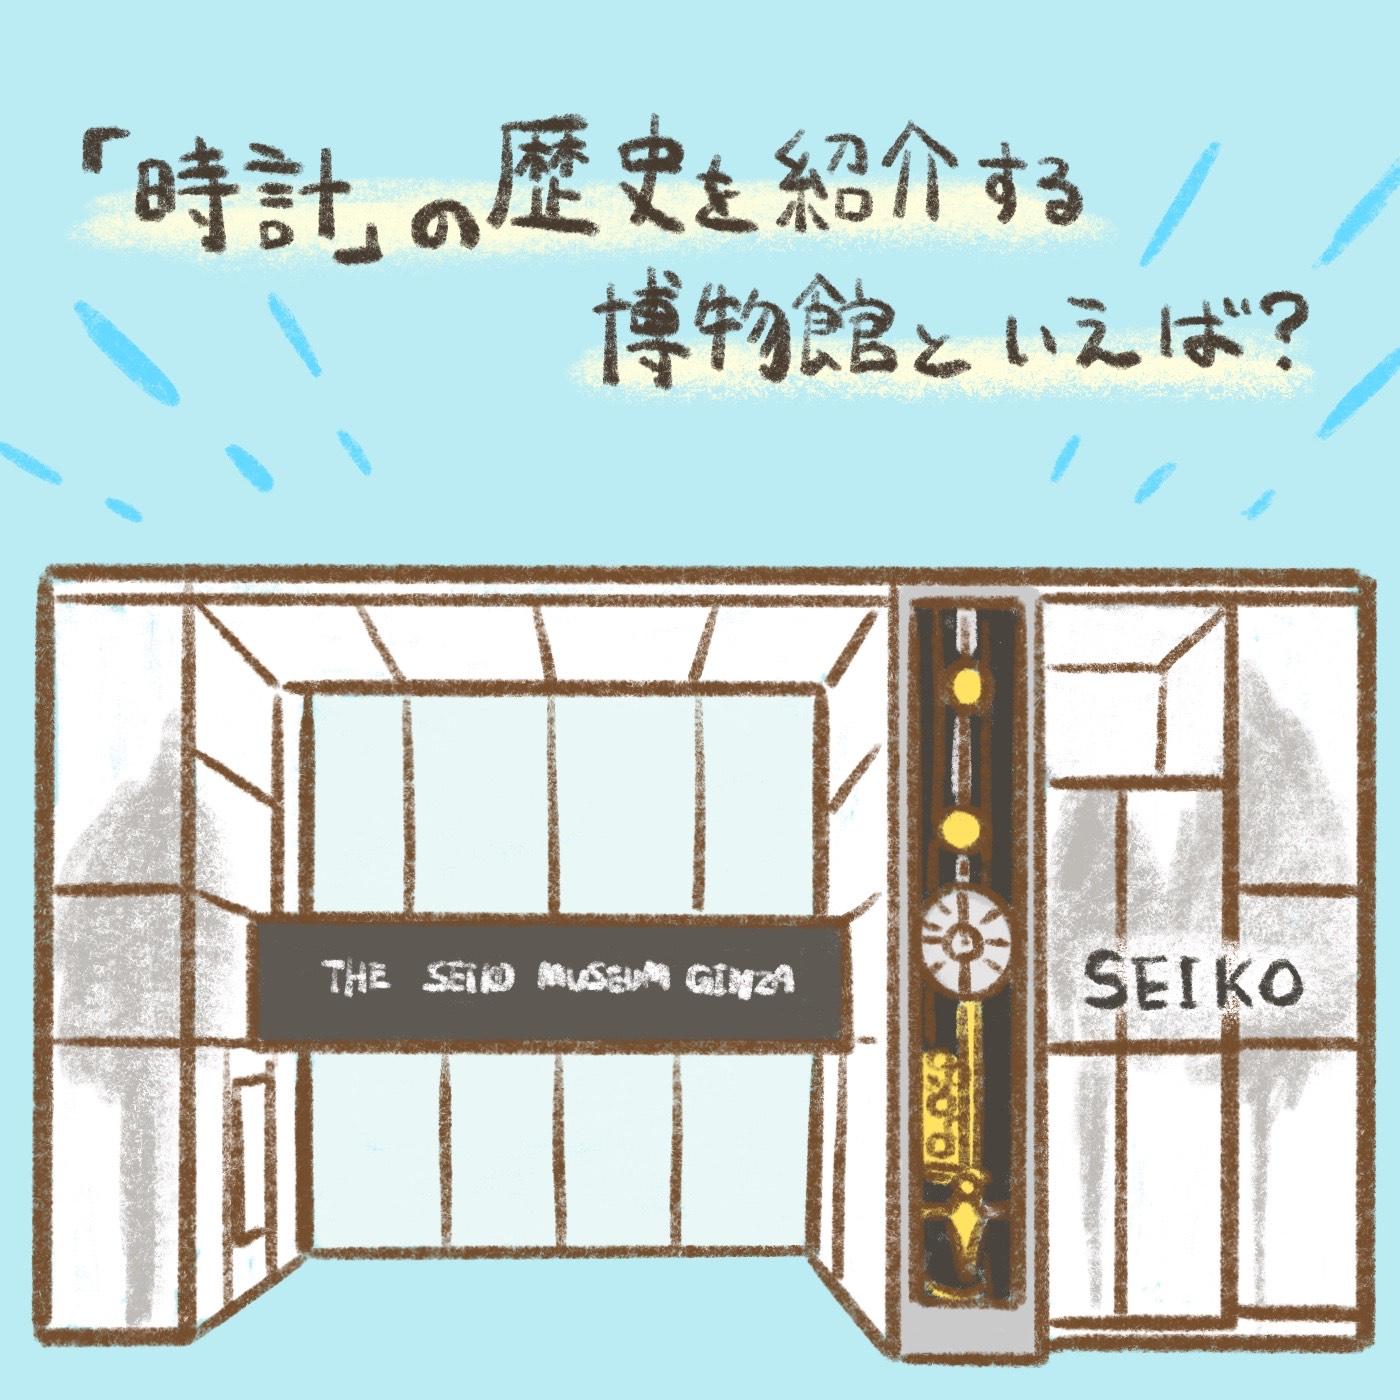 セイコーミュージアム 銀座 時計 セイコー OBIKAKE ナニソレ